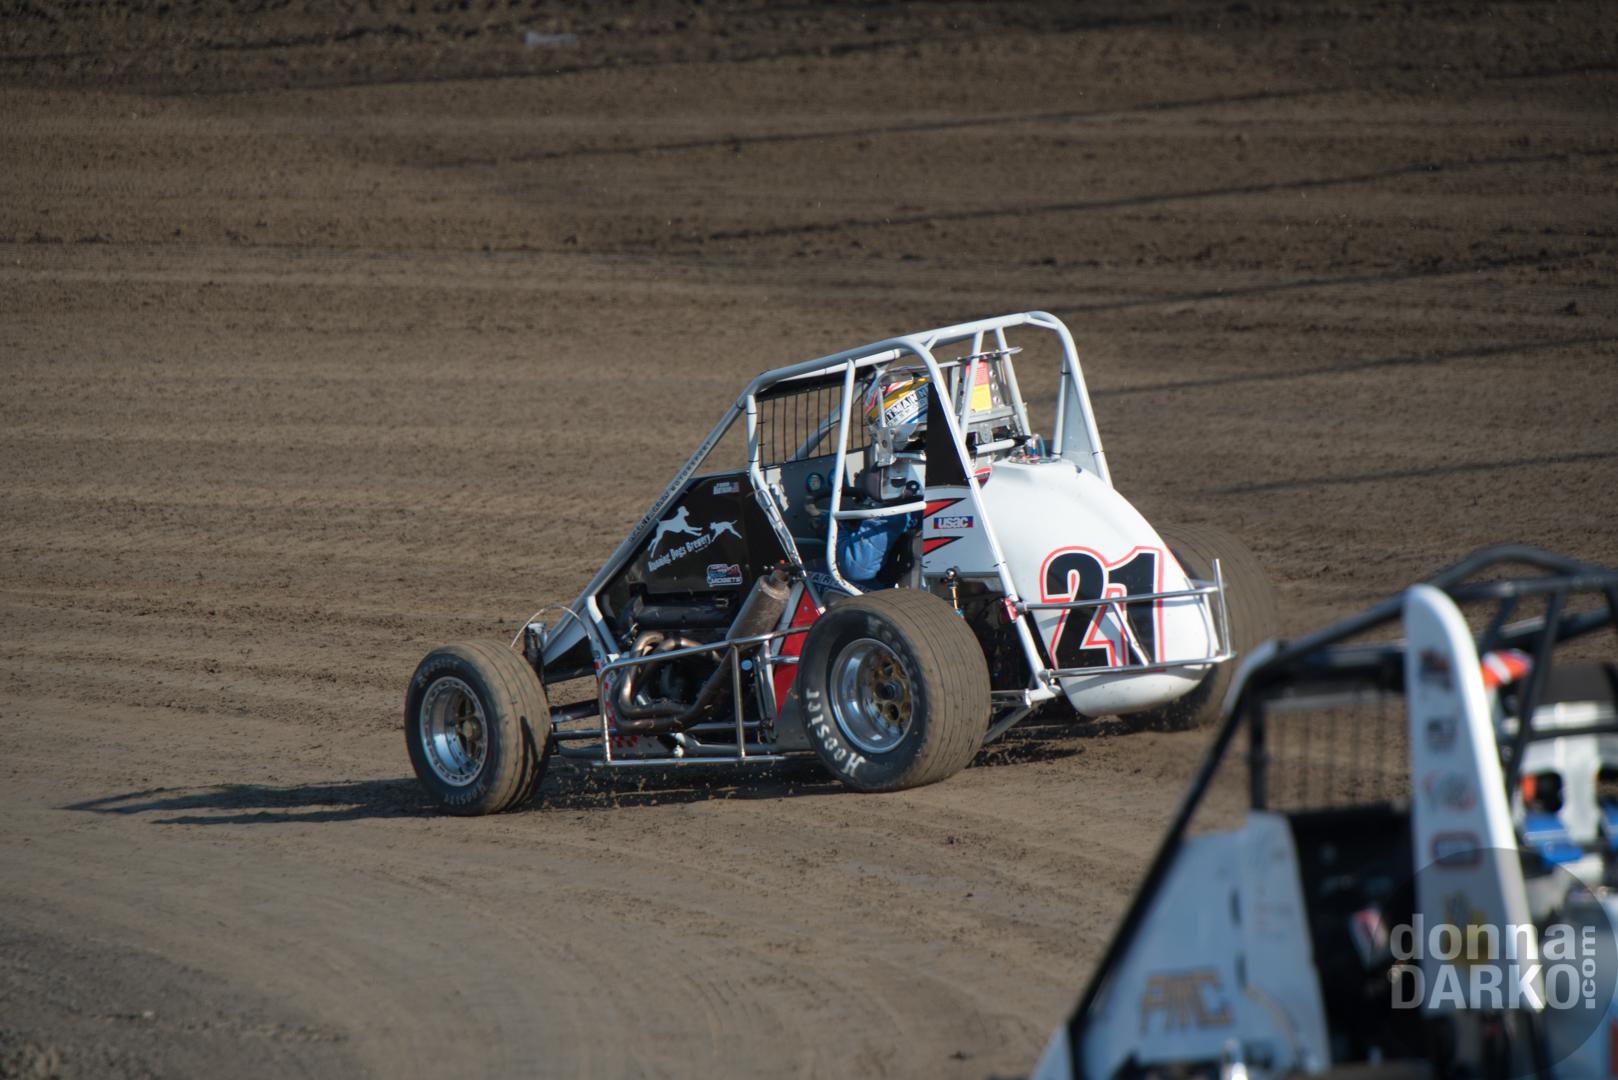 Sagit Speedway (m) 6-21-19 -DSC_0694.jpg